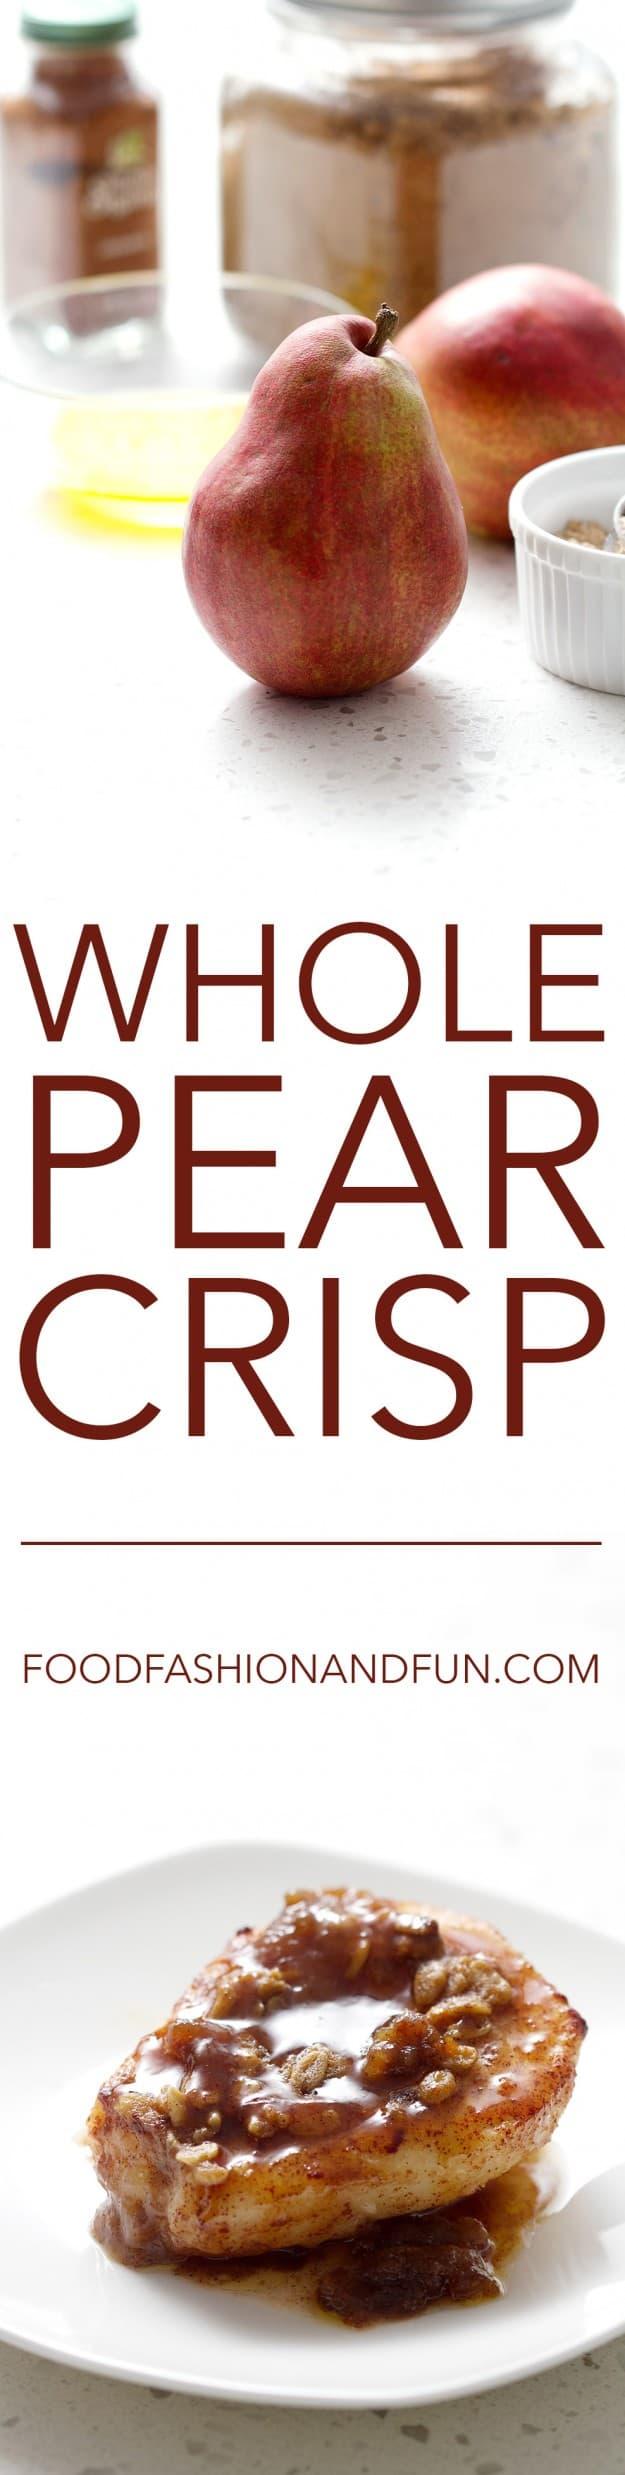 Whole Pear Crisp